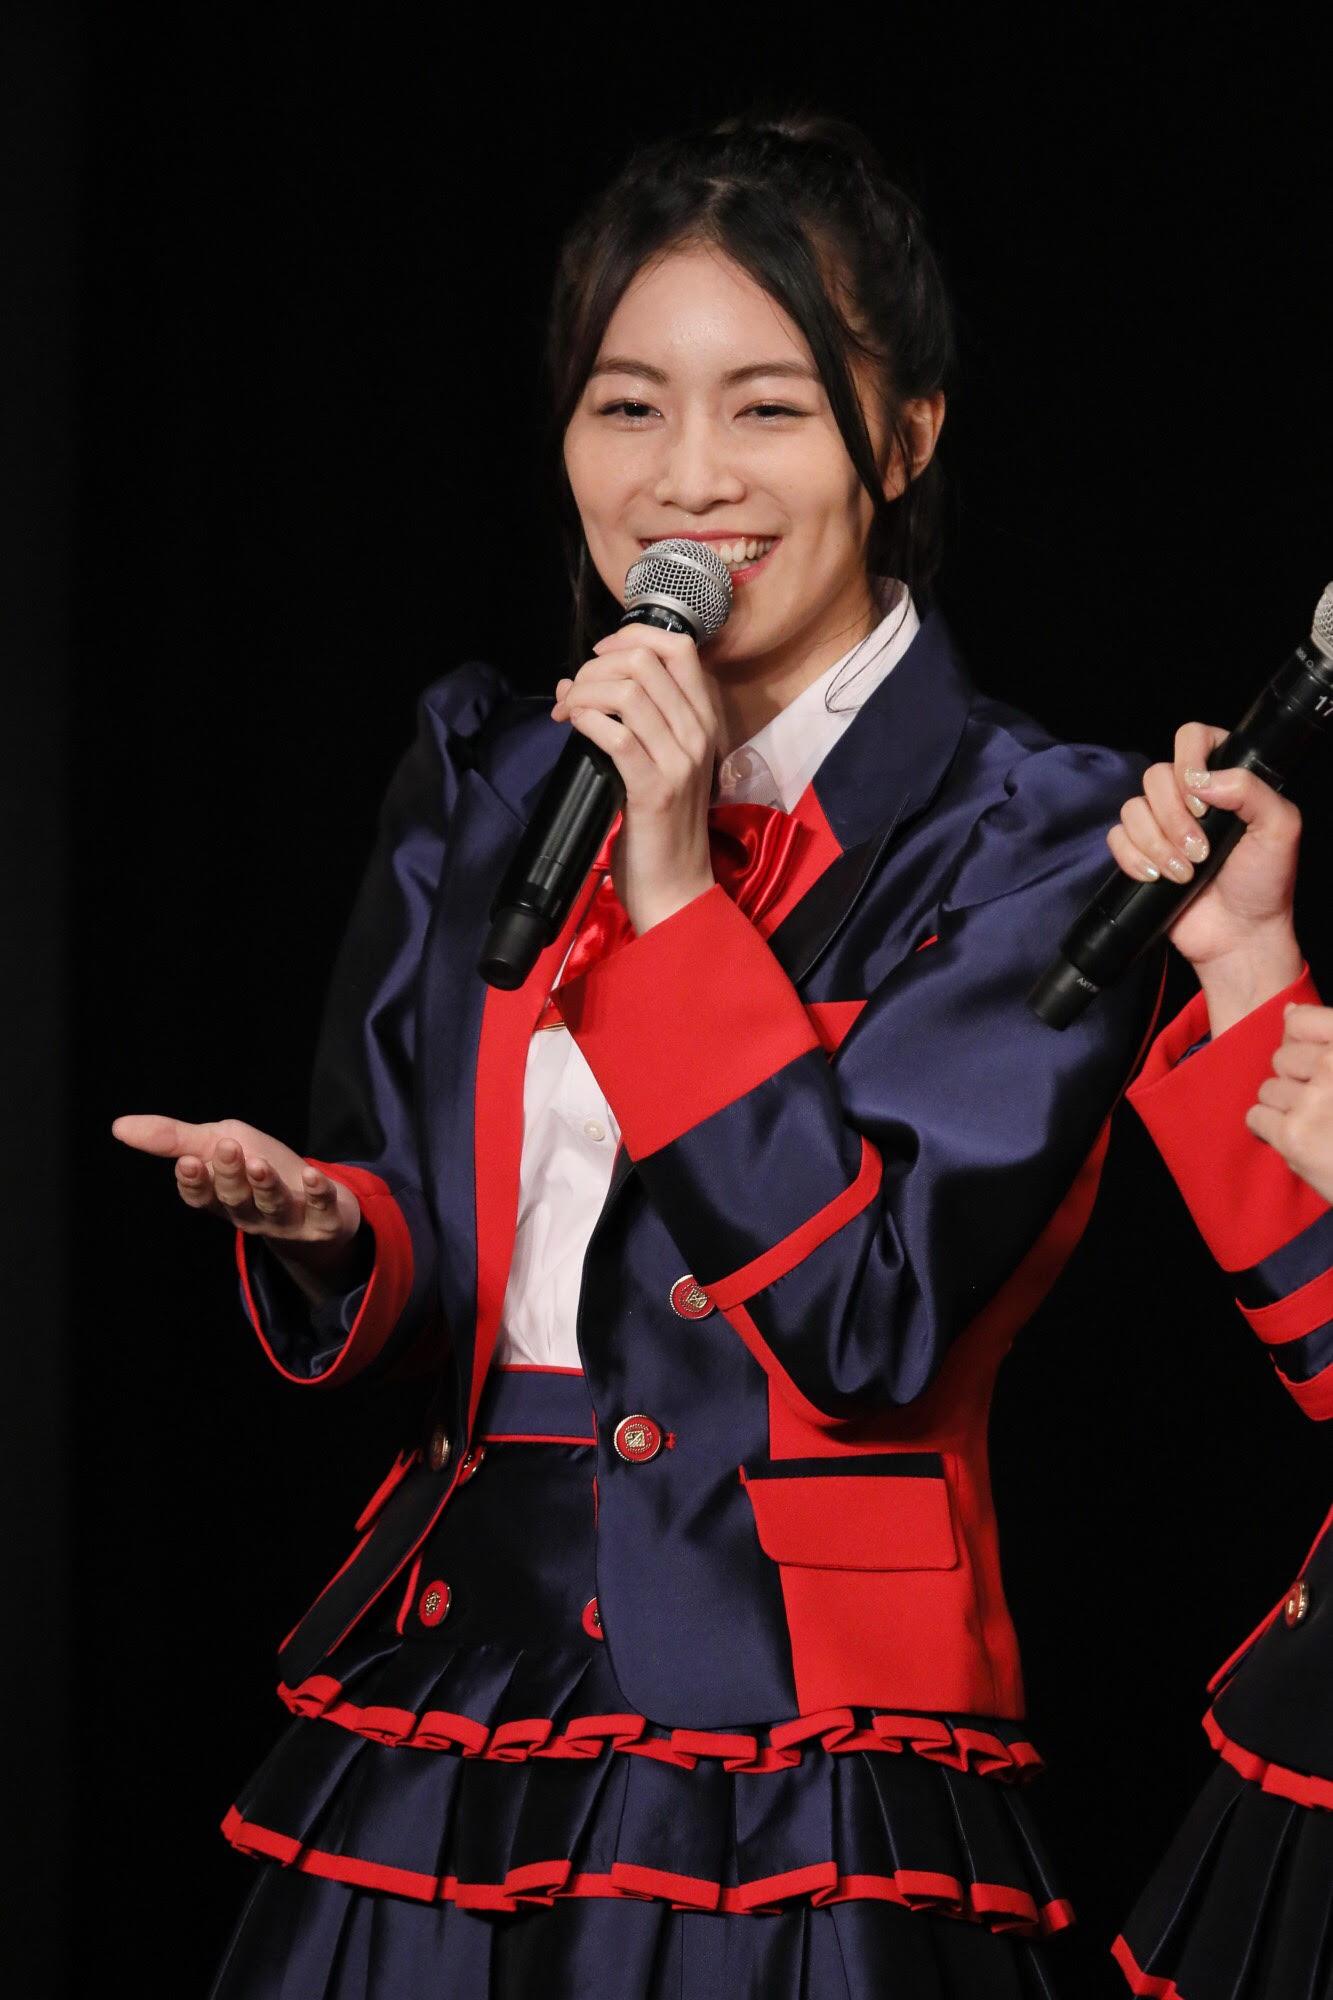 松井珠理奈「みなさんと⼀緒にこれからも新しいSKE48を作っていって、みんなで盛上げていけたらいいなと思っています」 (C) AKS